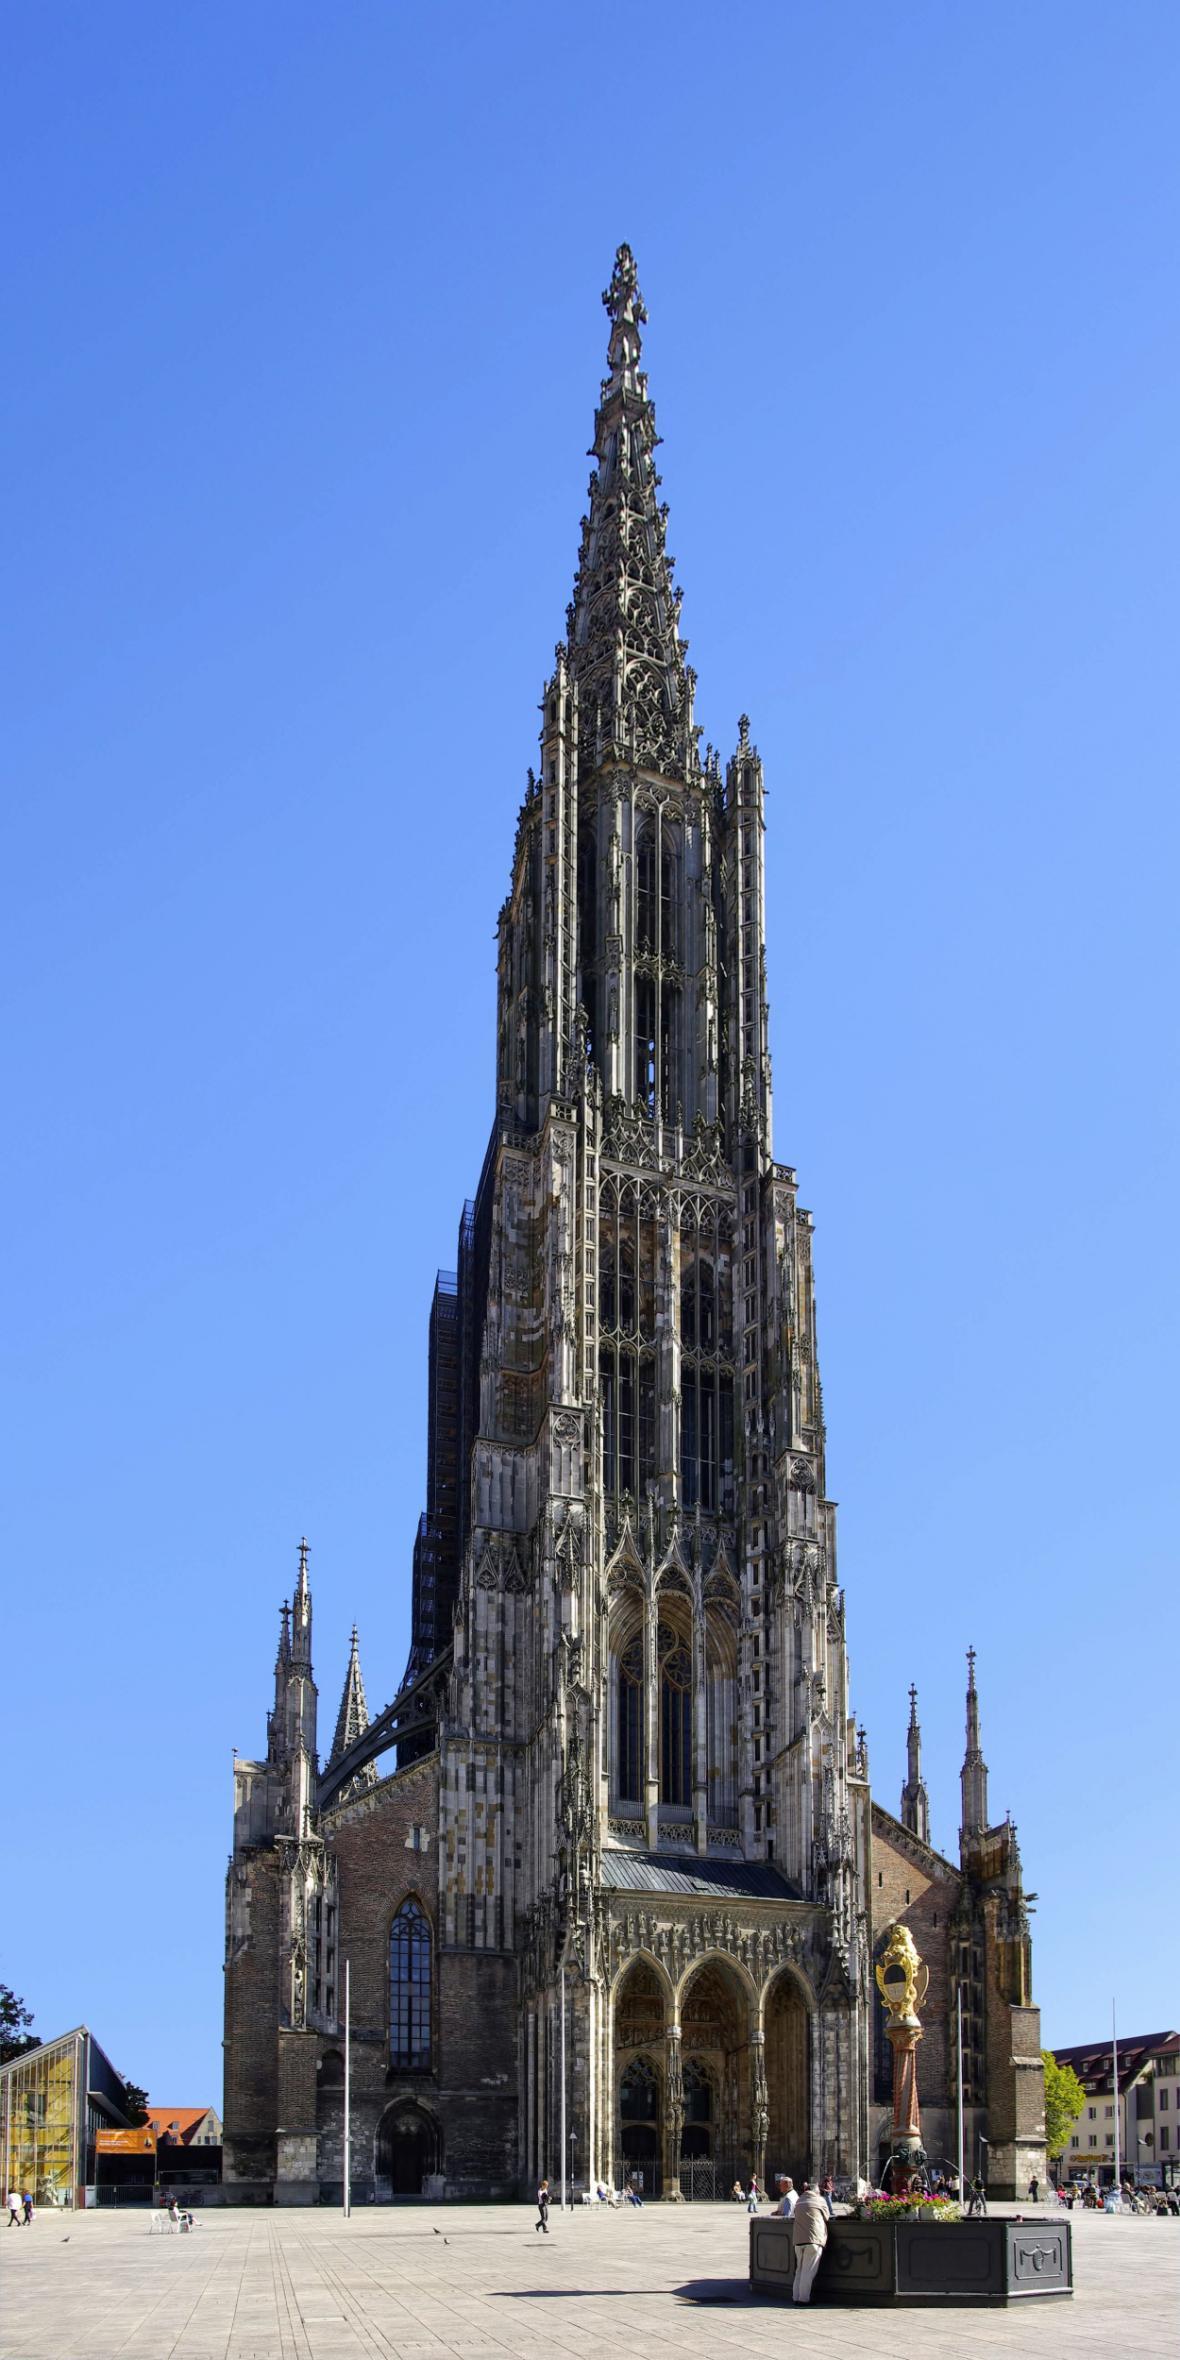 Dóm v Ulmu je nejvyšší církevní stavbou světa